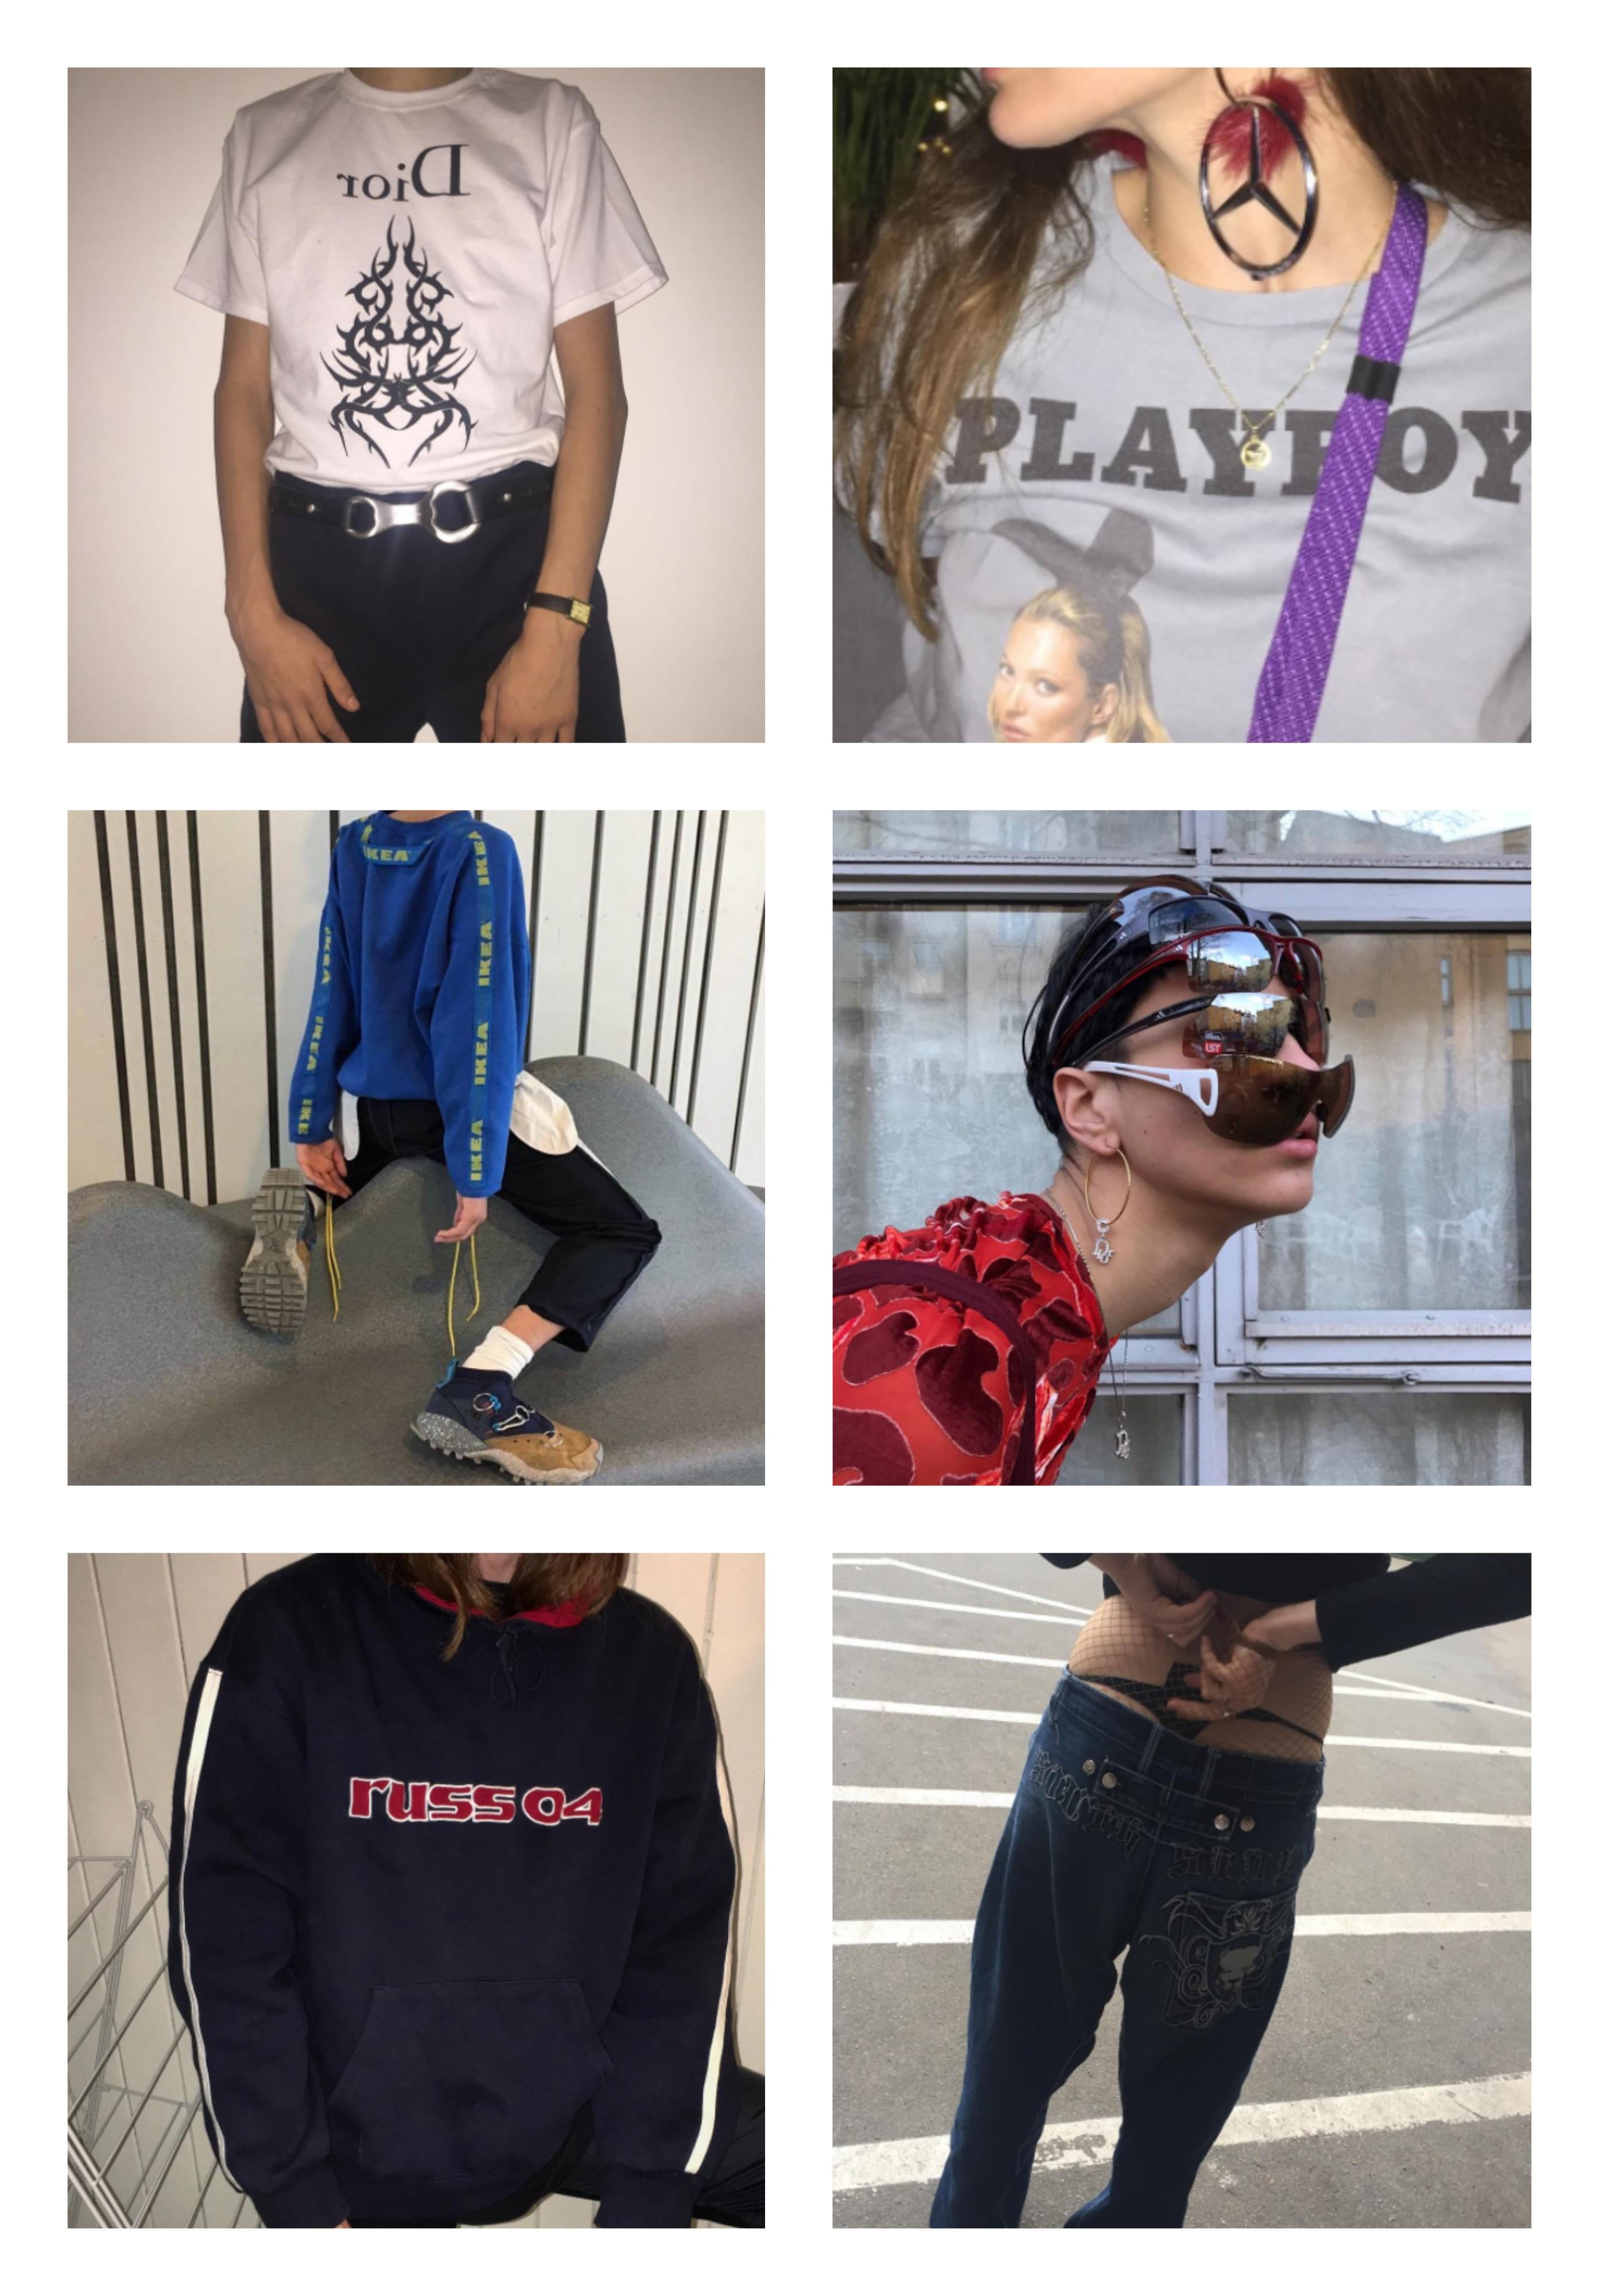 Eksempelbilder fra Insta på dagens anti-fashion